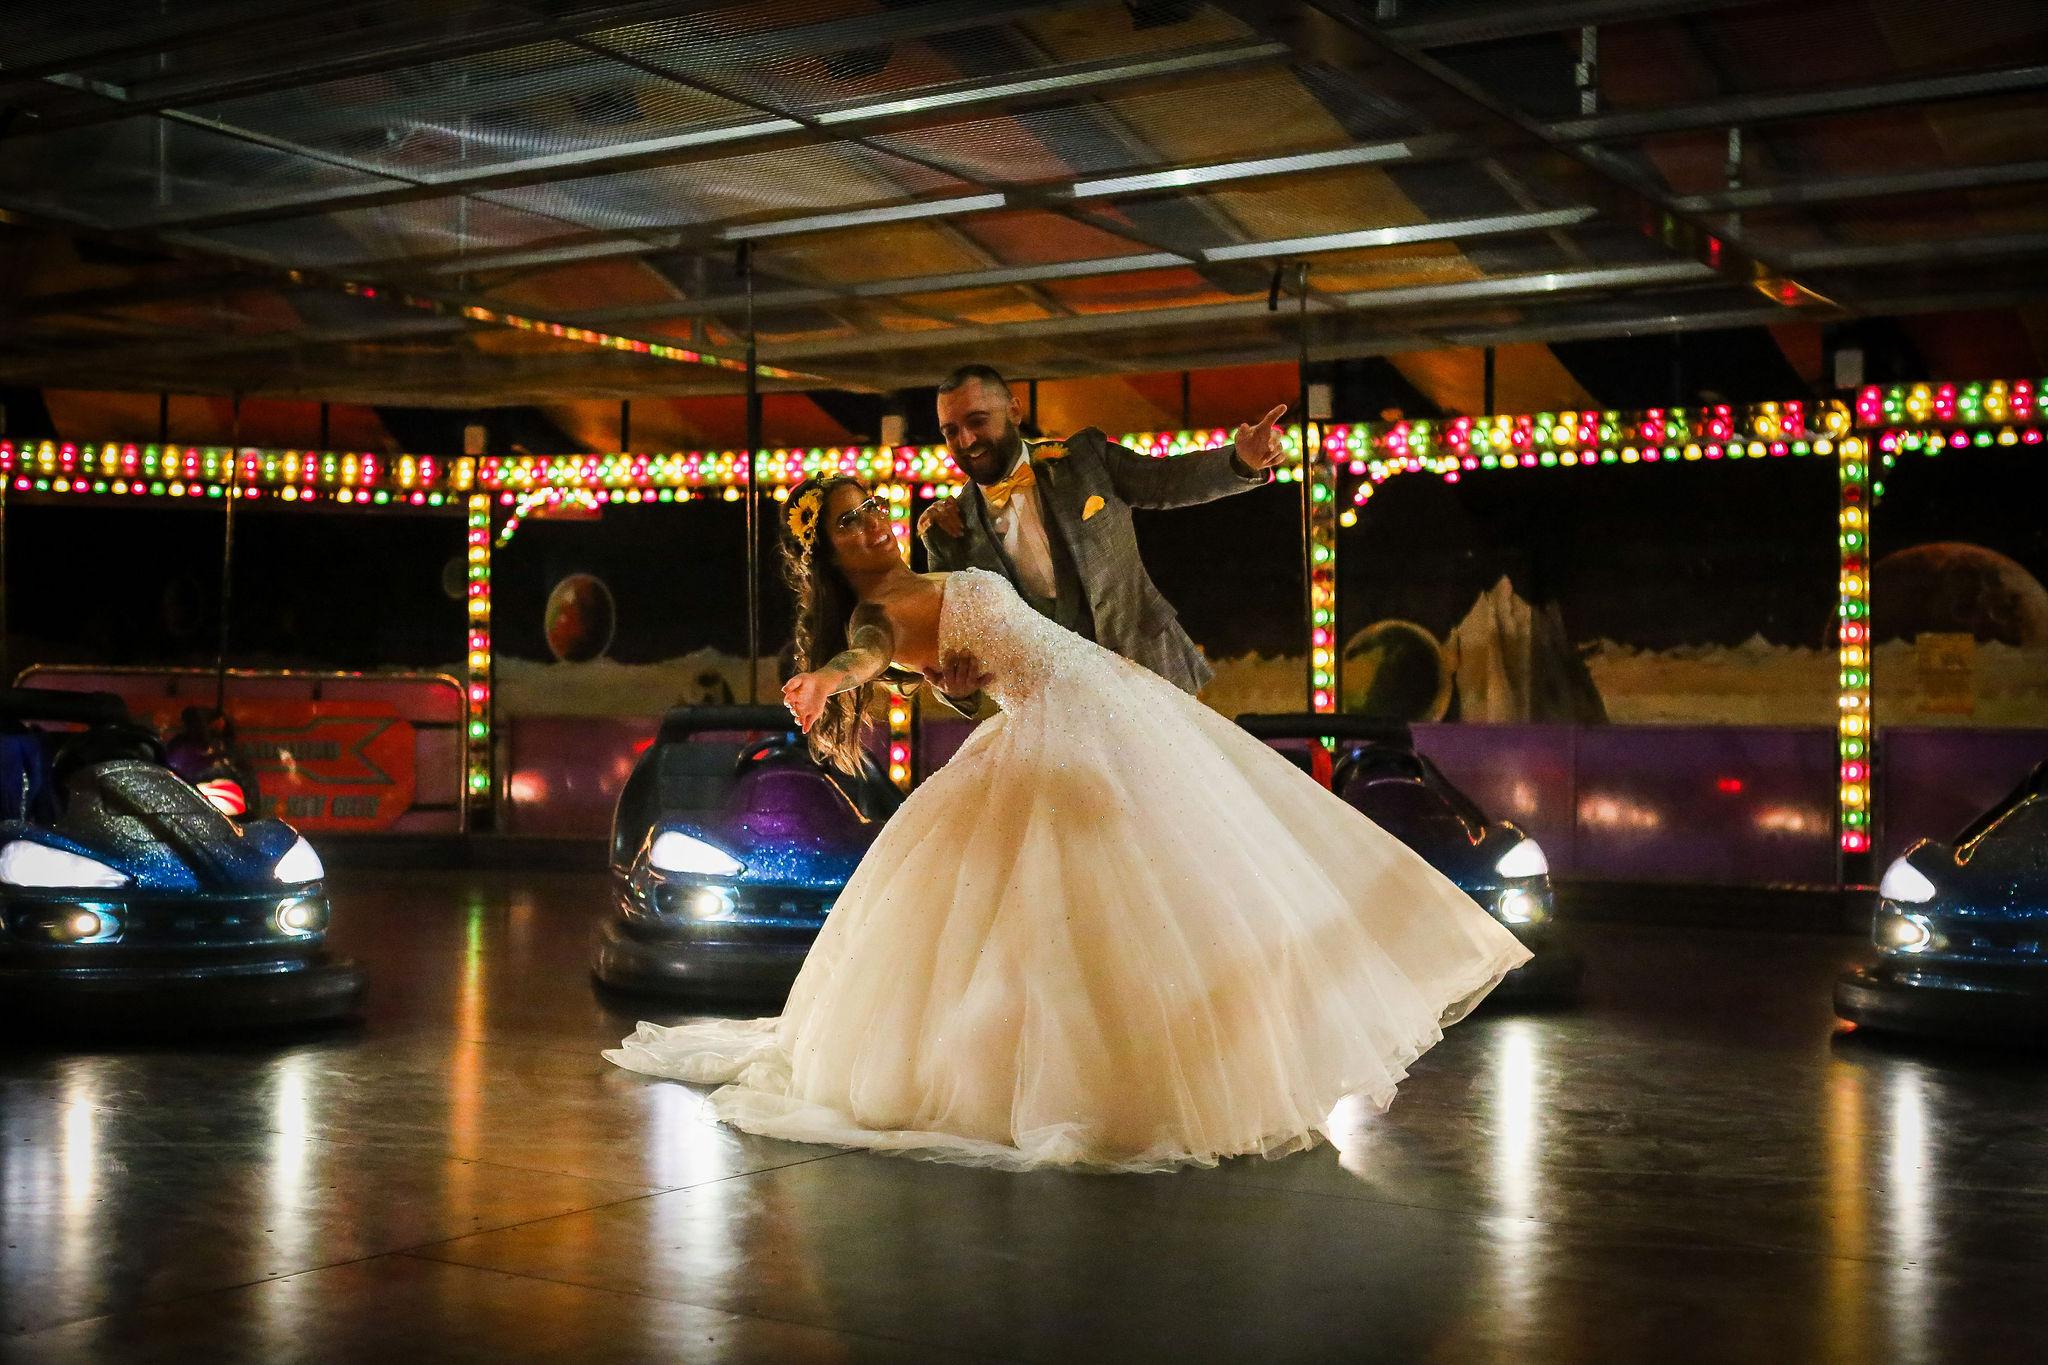 Harriet&Rhys Wedding - quirky wedding with dodgems (61)